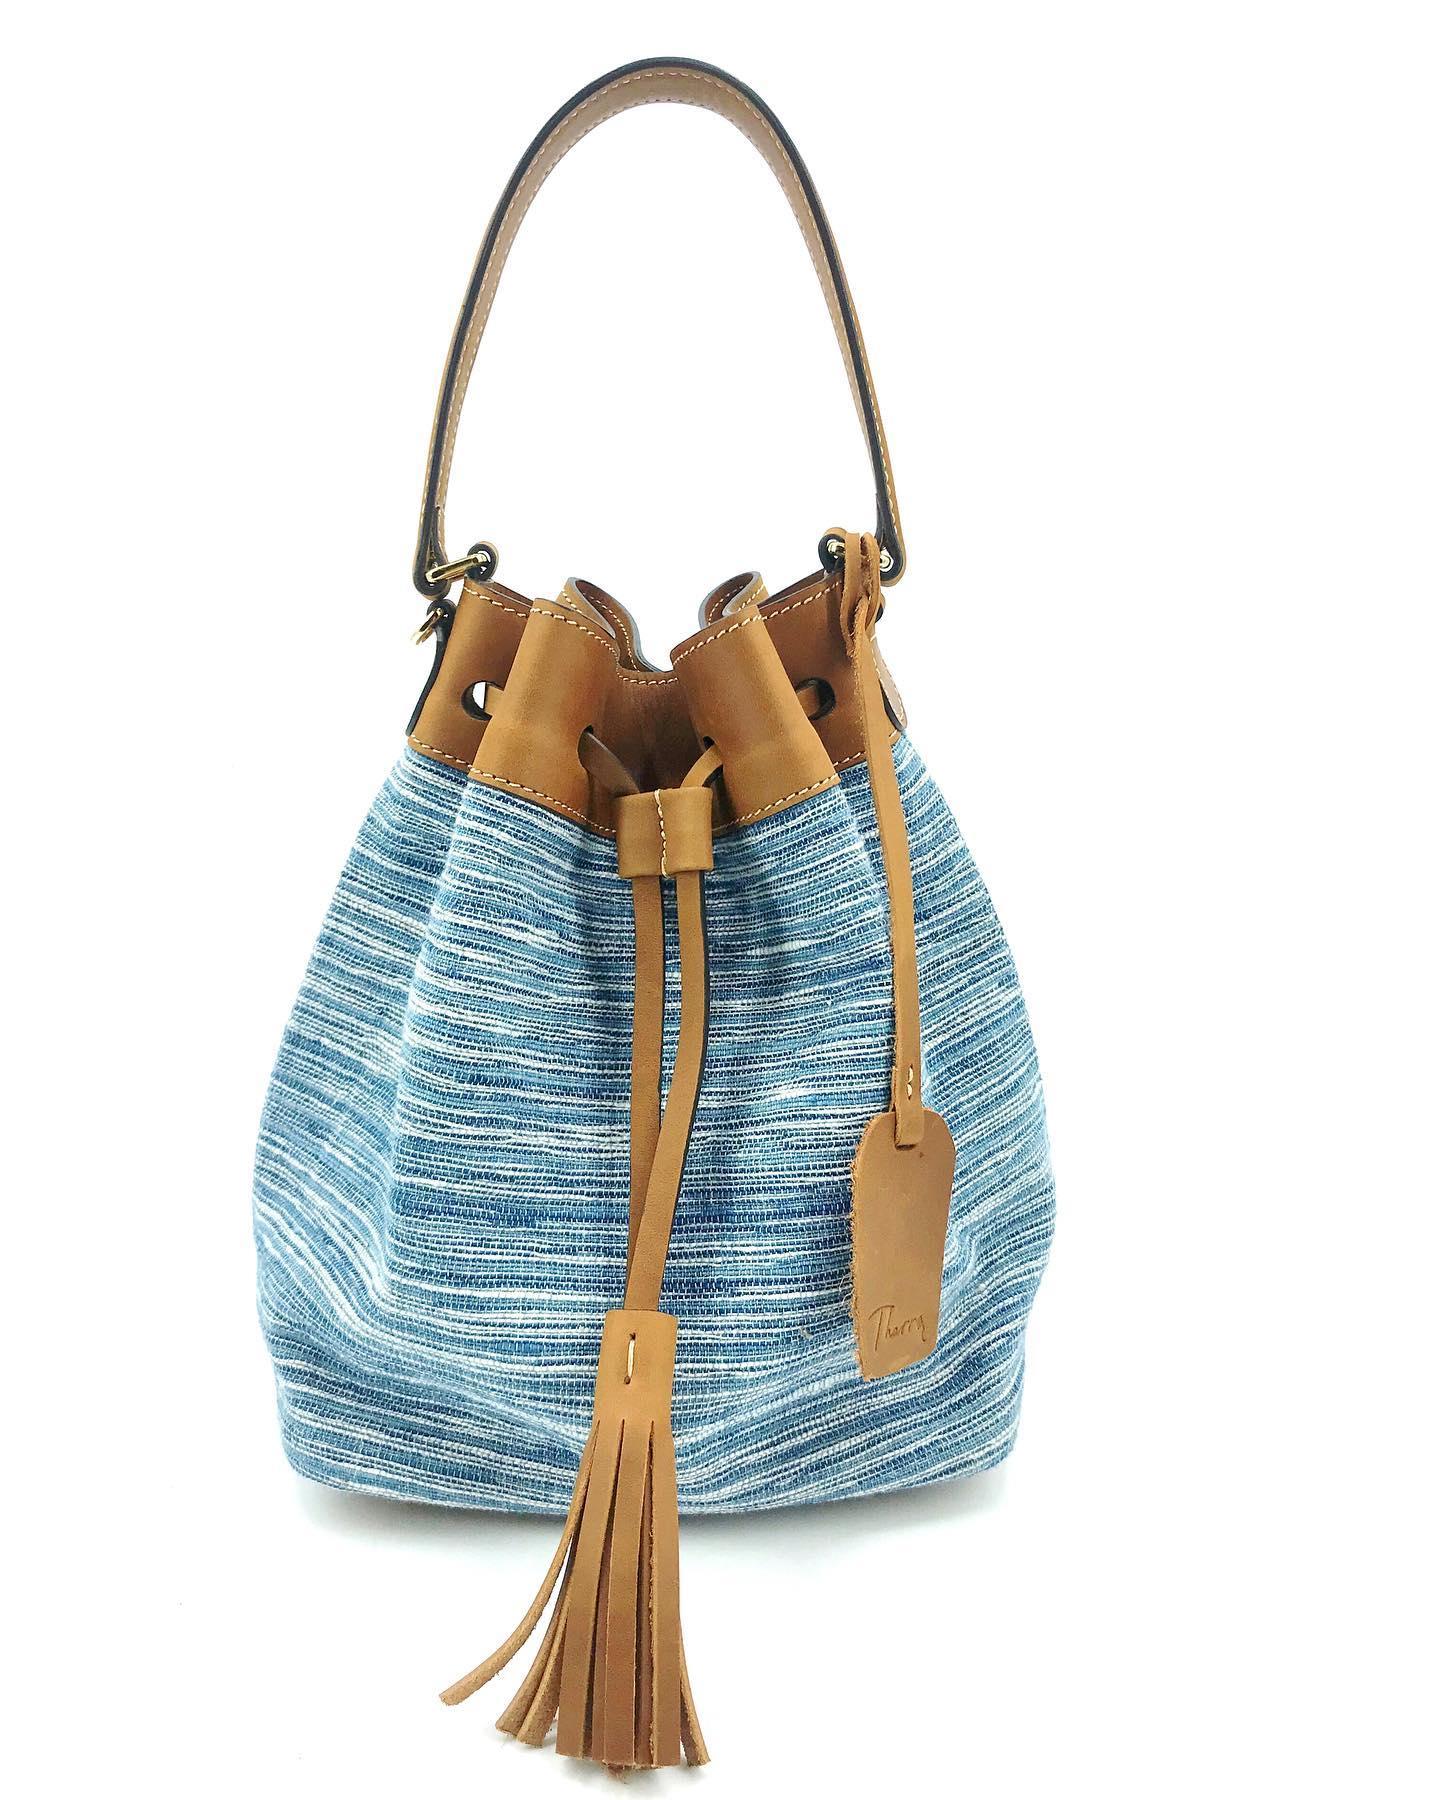 'Little Kram' bag